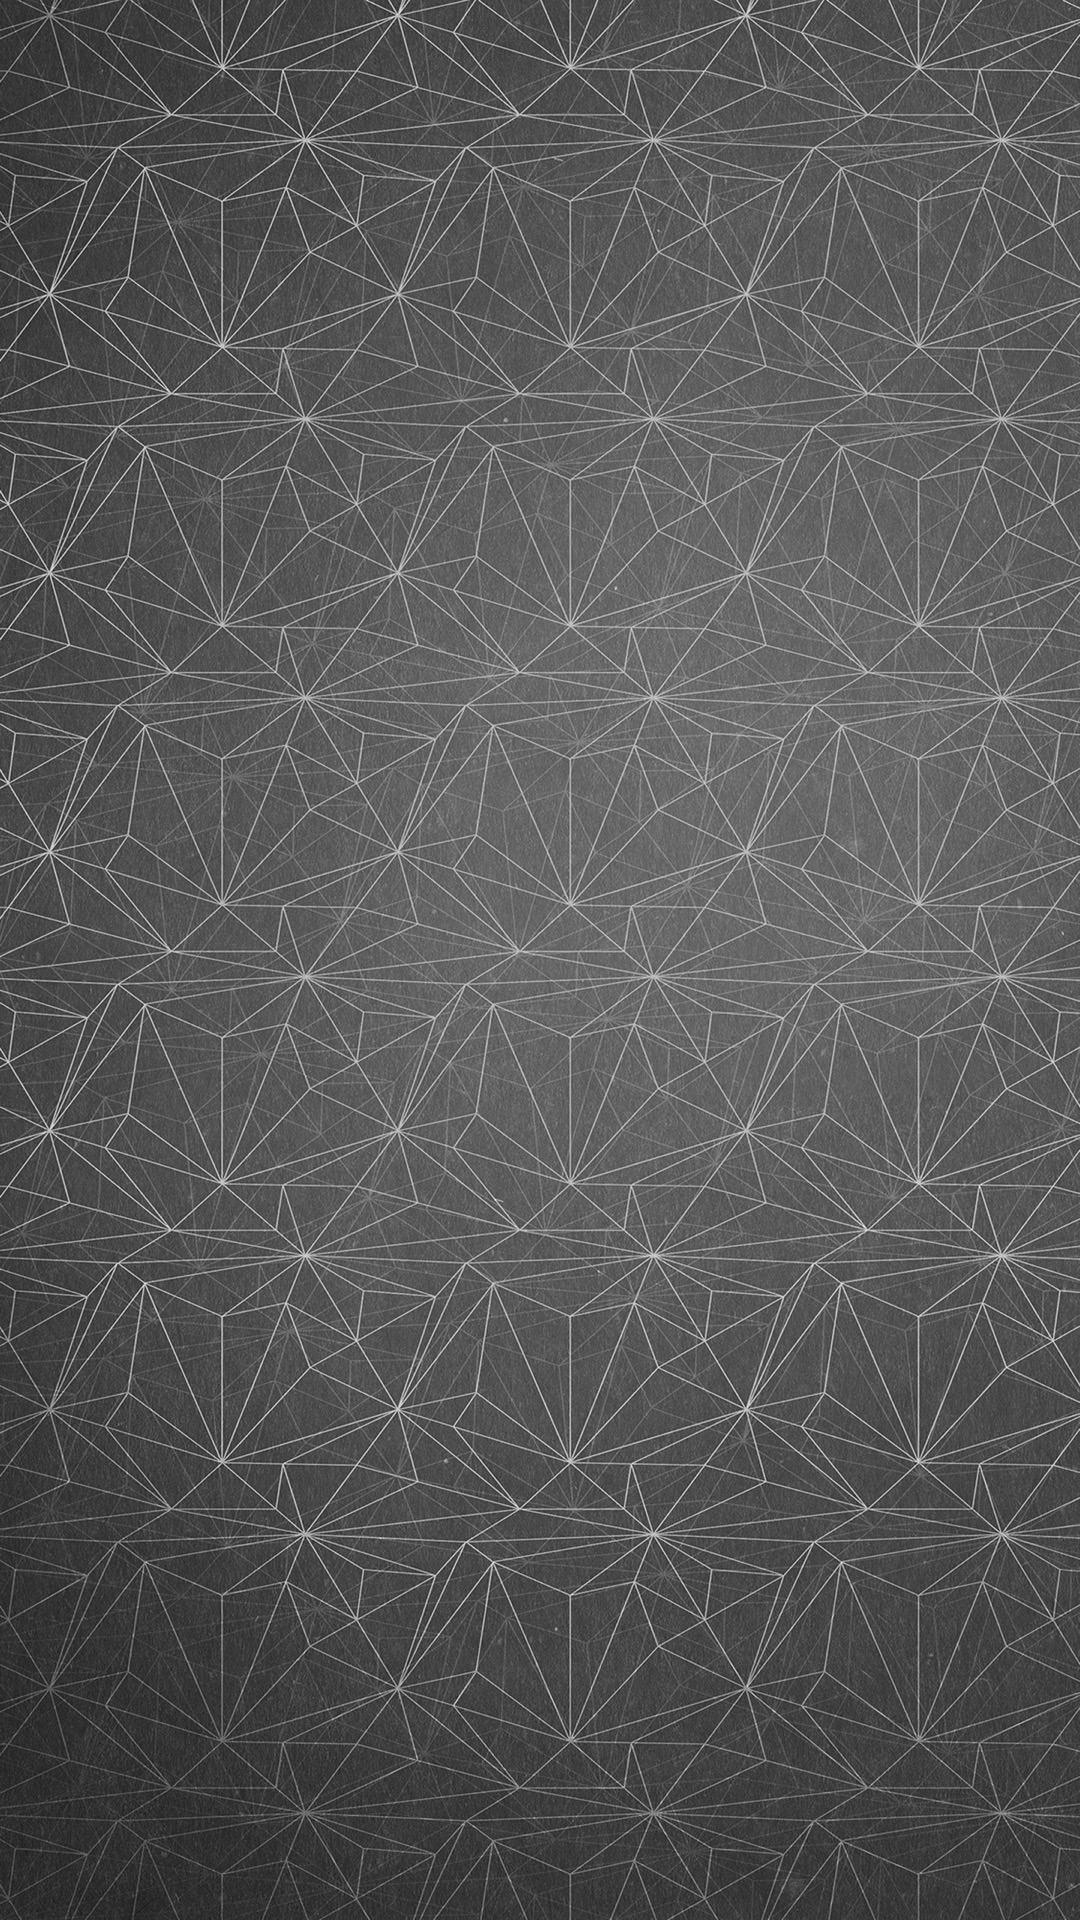 トップコレクション クール アンドロイド 壁紙 黒